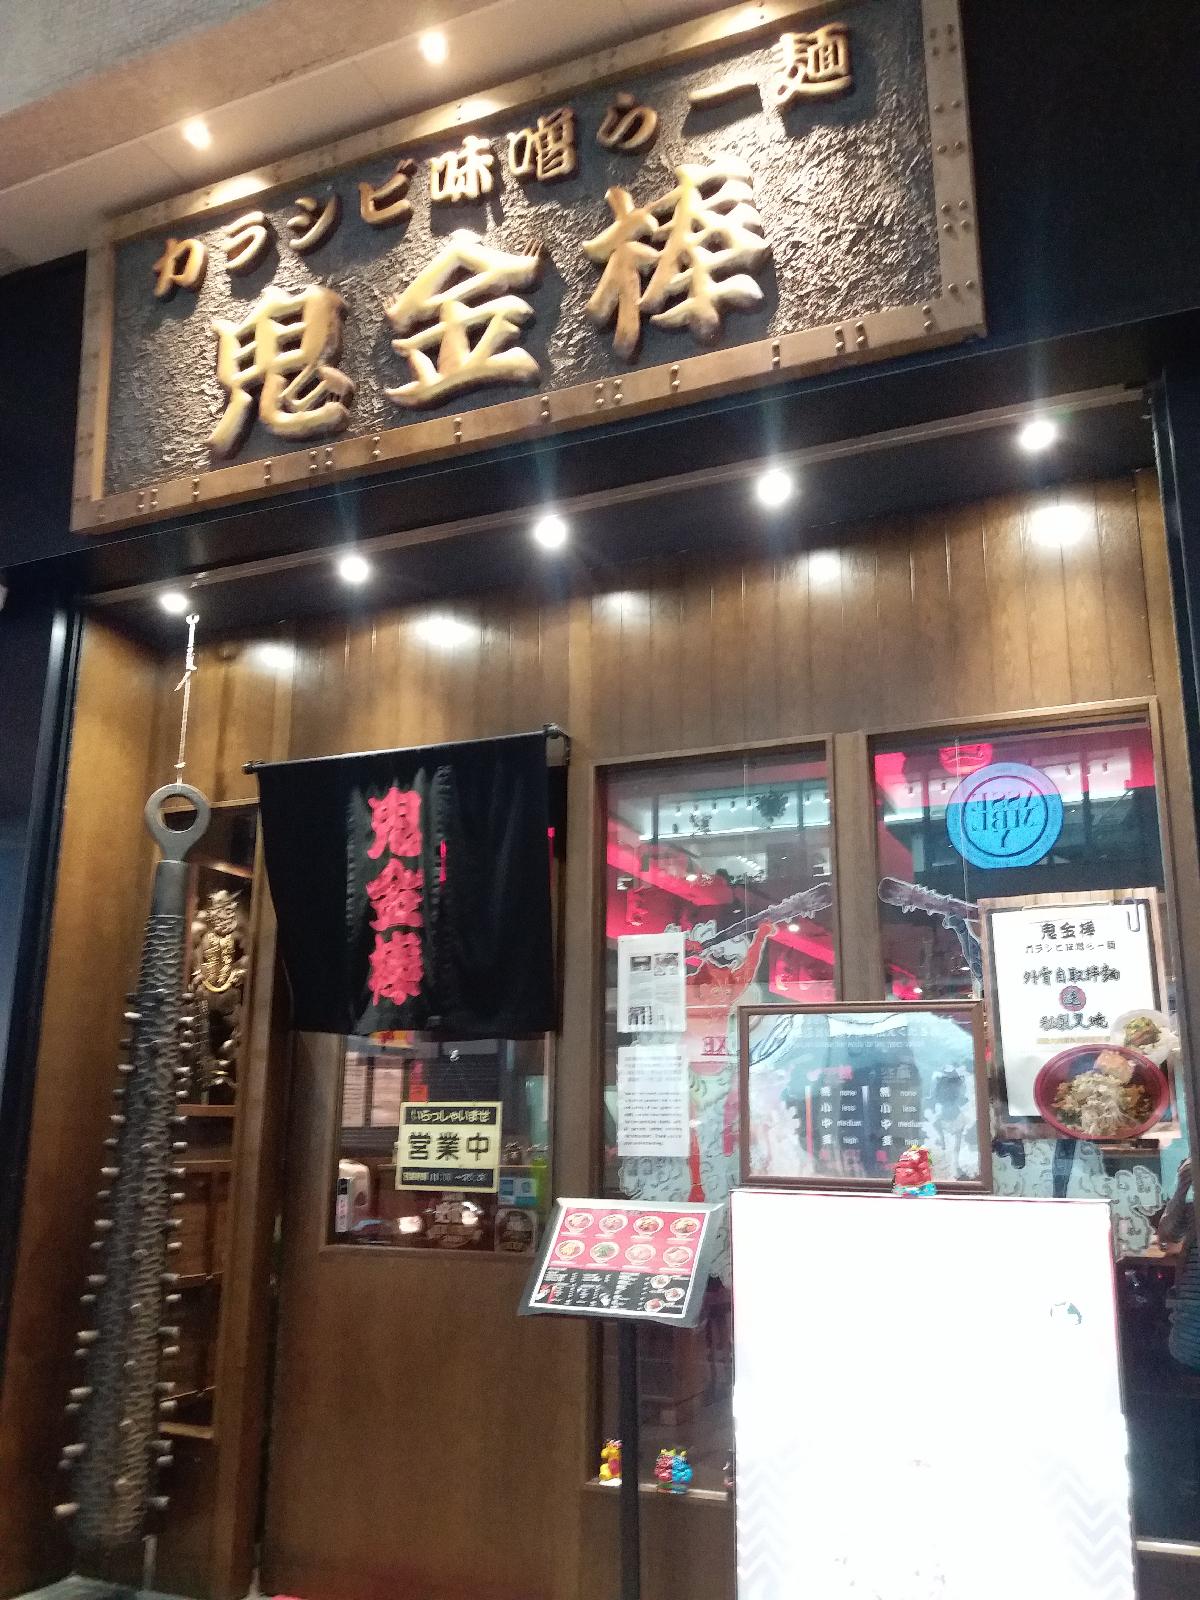 【 ♥ 鬼金棒 ♥】來自東京的原味